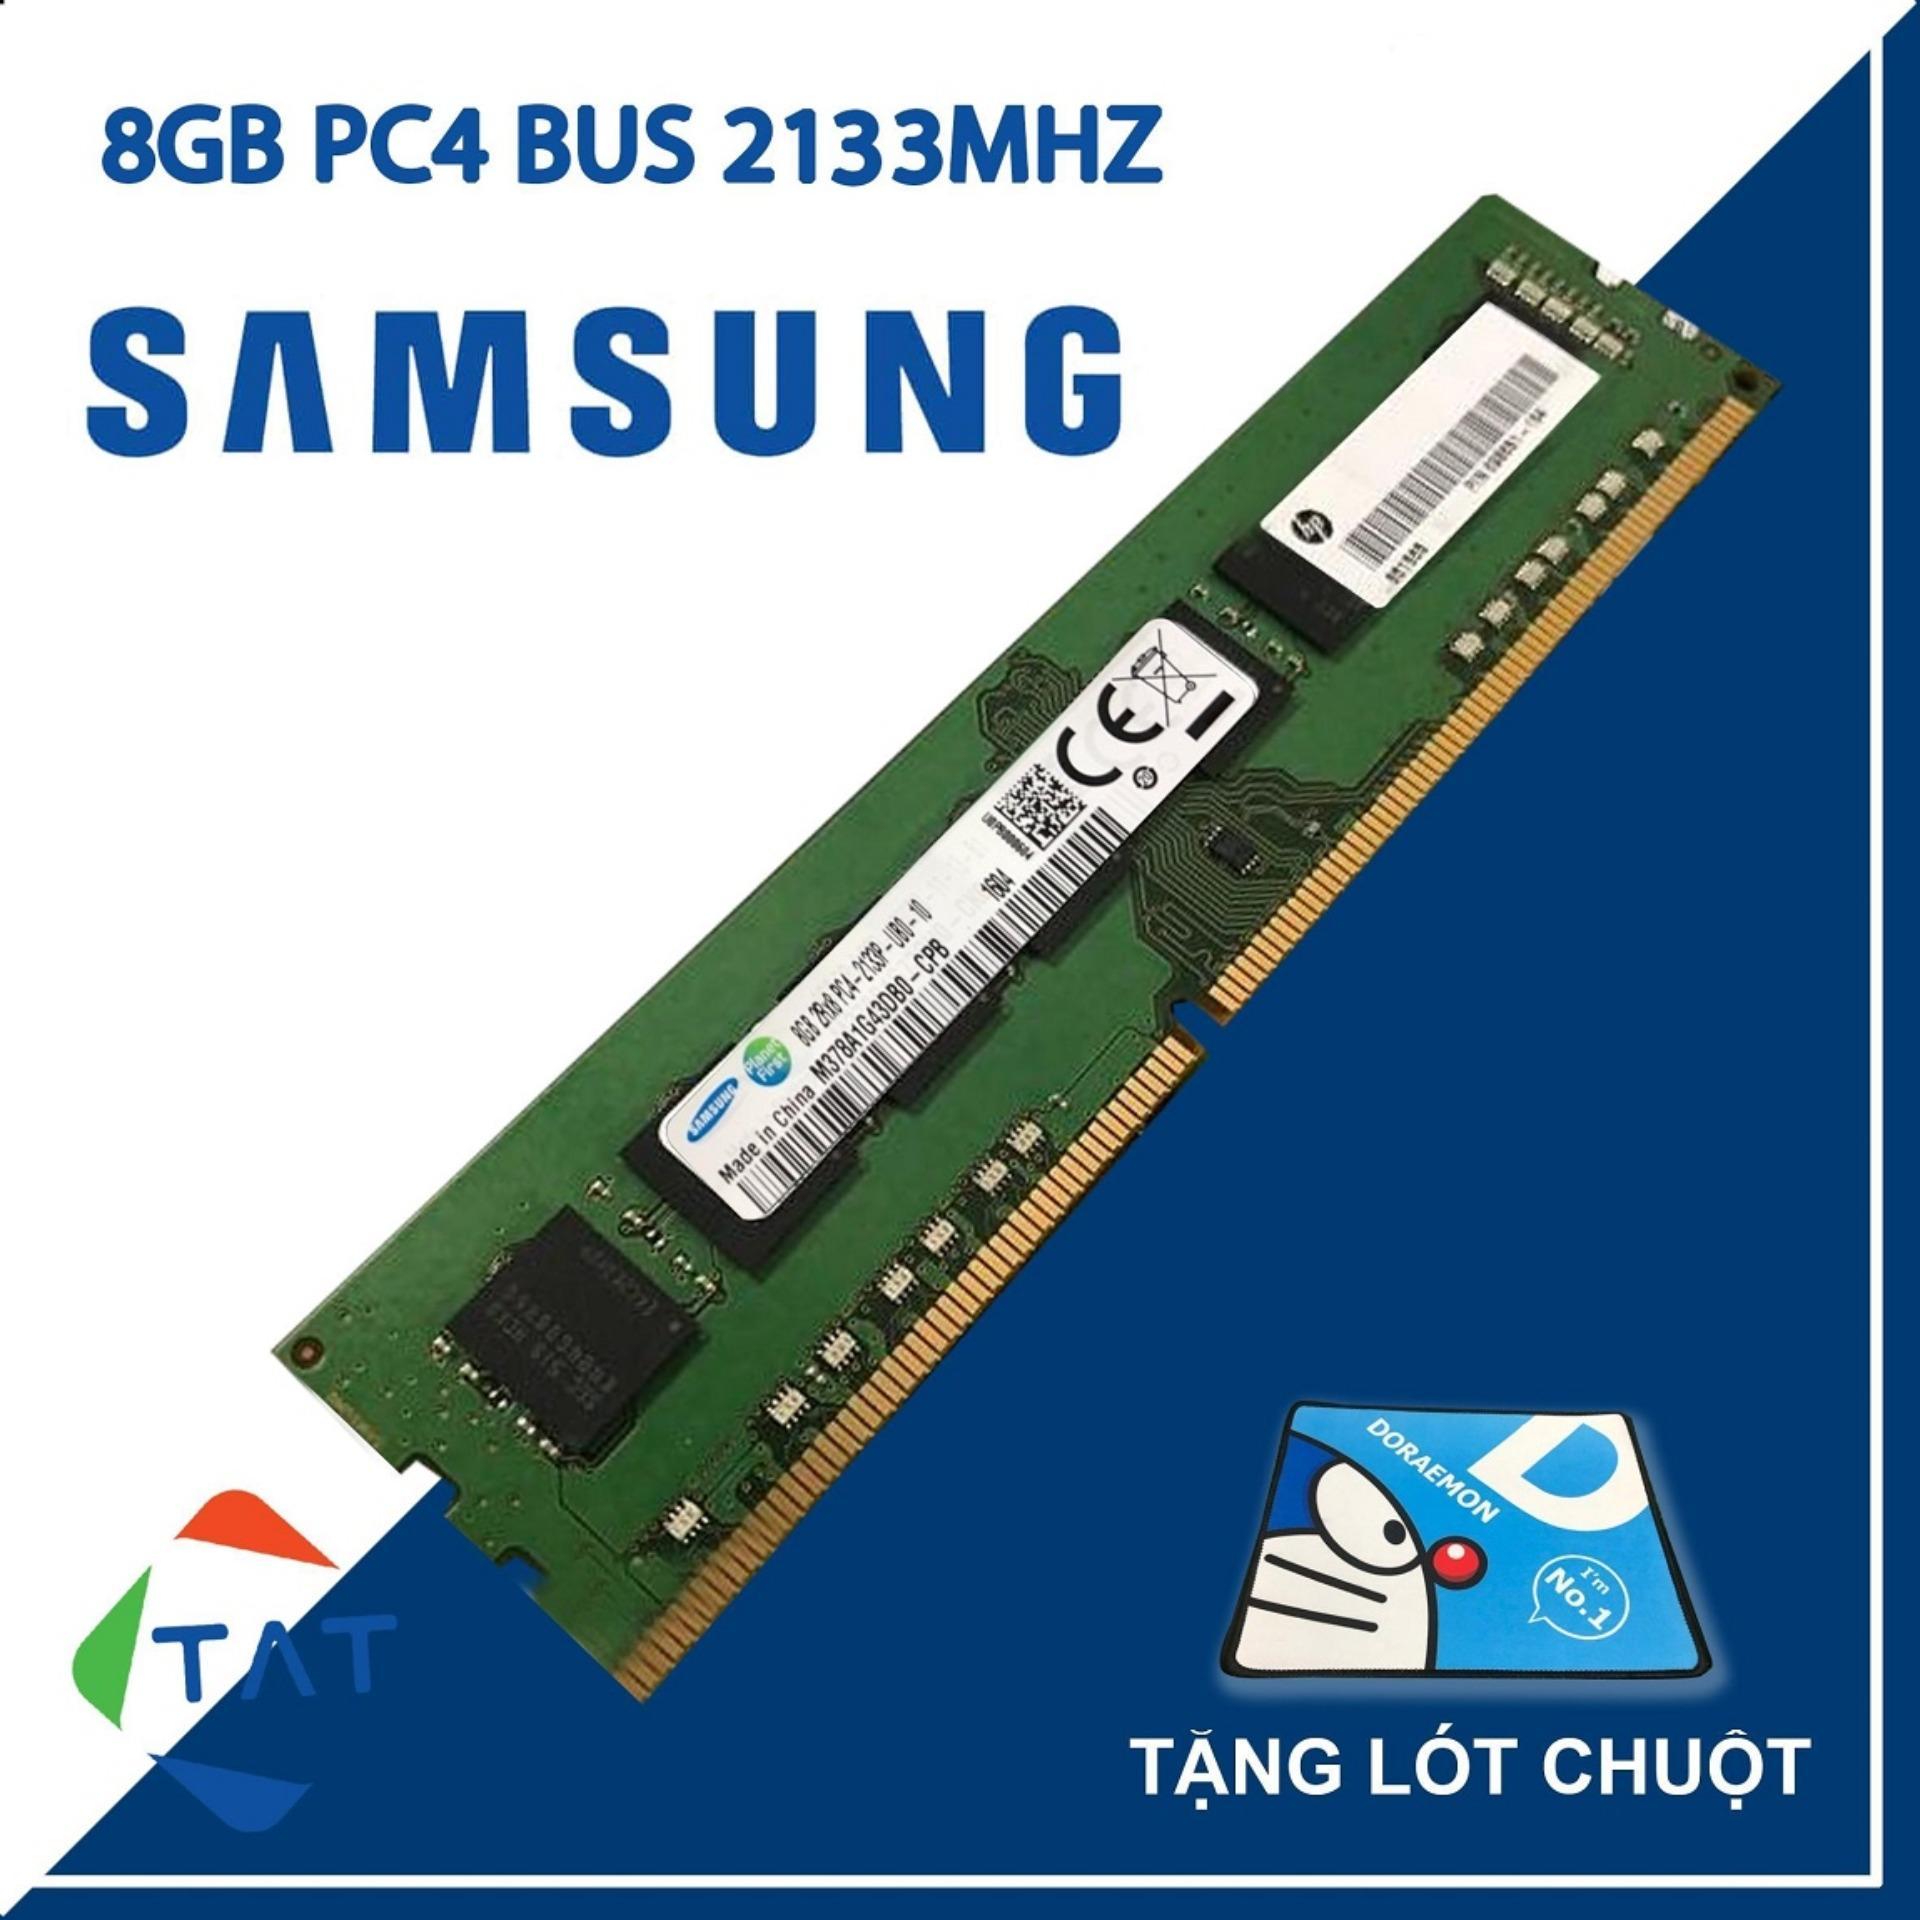 Giá RAM Samsung Hynix Micron Kingston DDR4 8GB Bus 2133MHz Dùng Cho PC Desktop  Bảo Hành 36 Tháng 1 Đổi 1